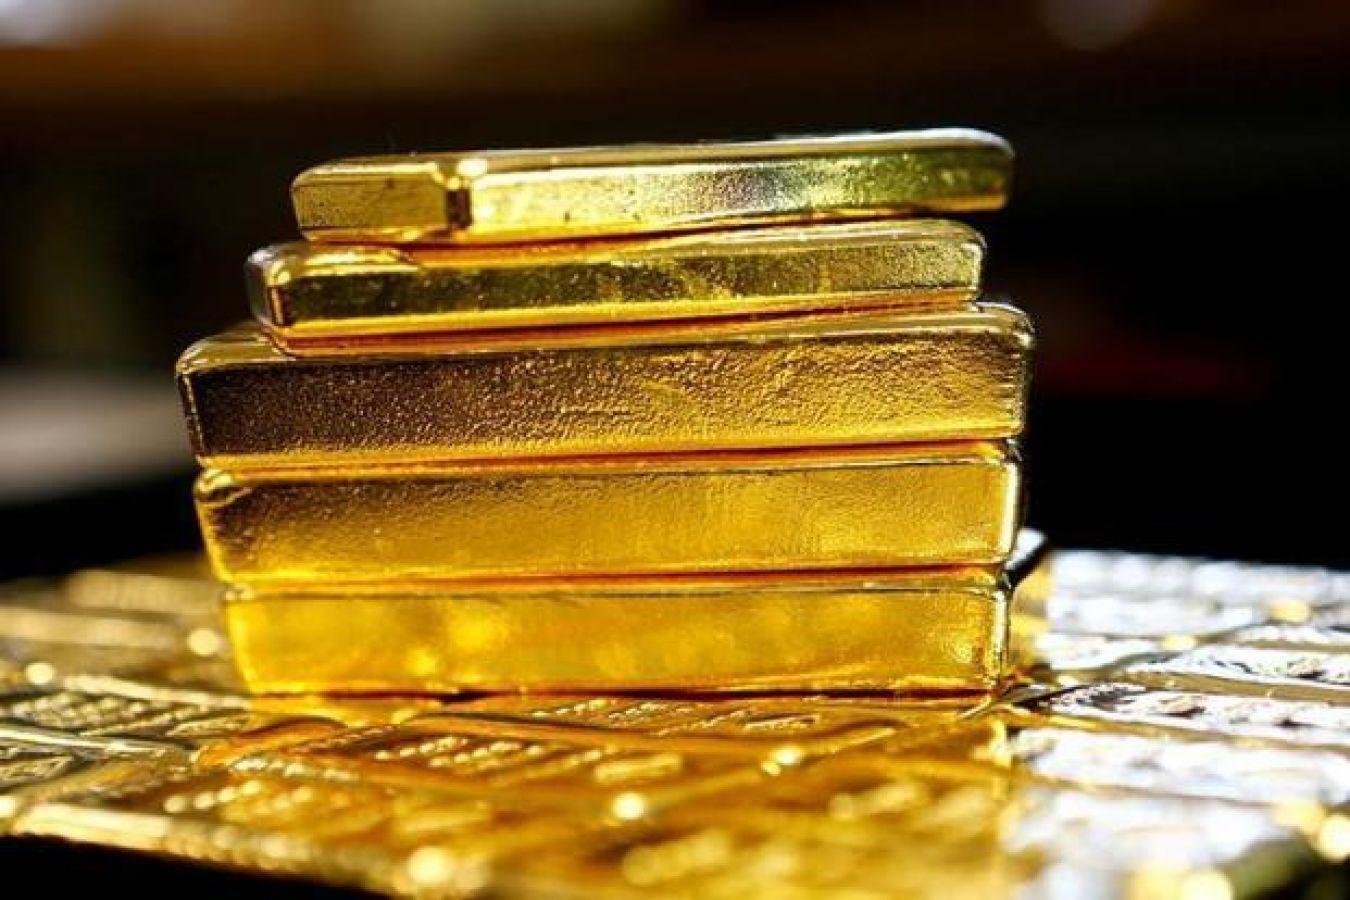 सोने-चांदी की कीमतों में लगातार नजर आ रही है गिरावट